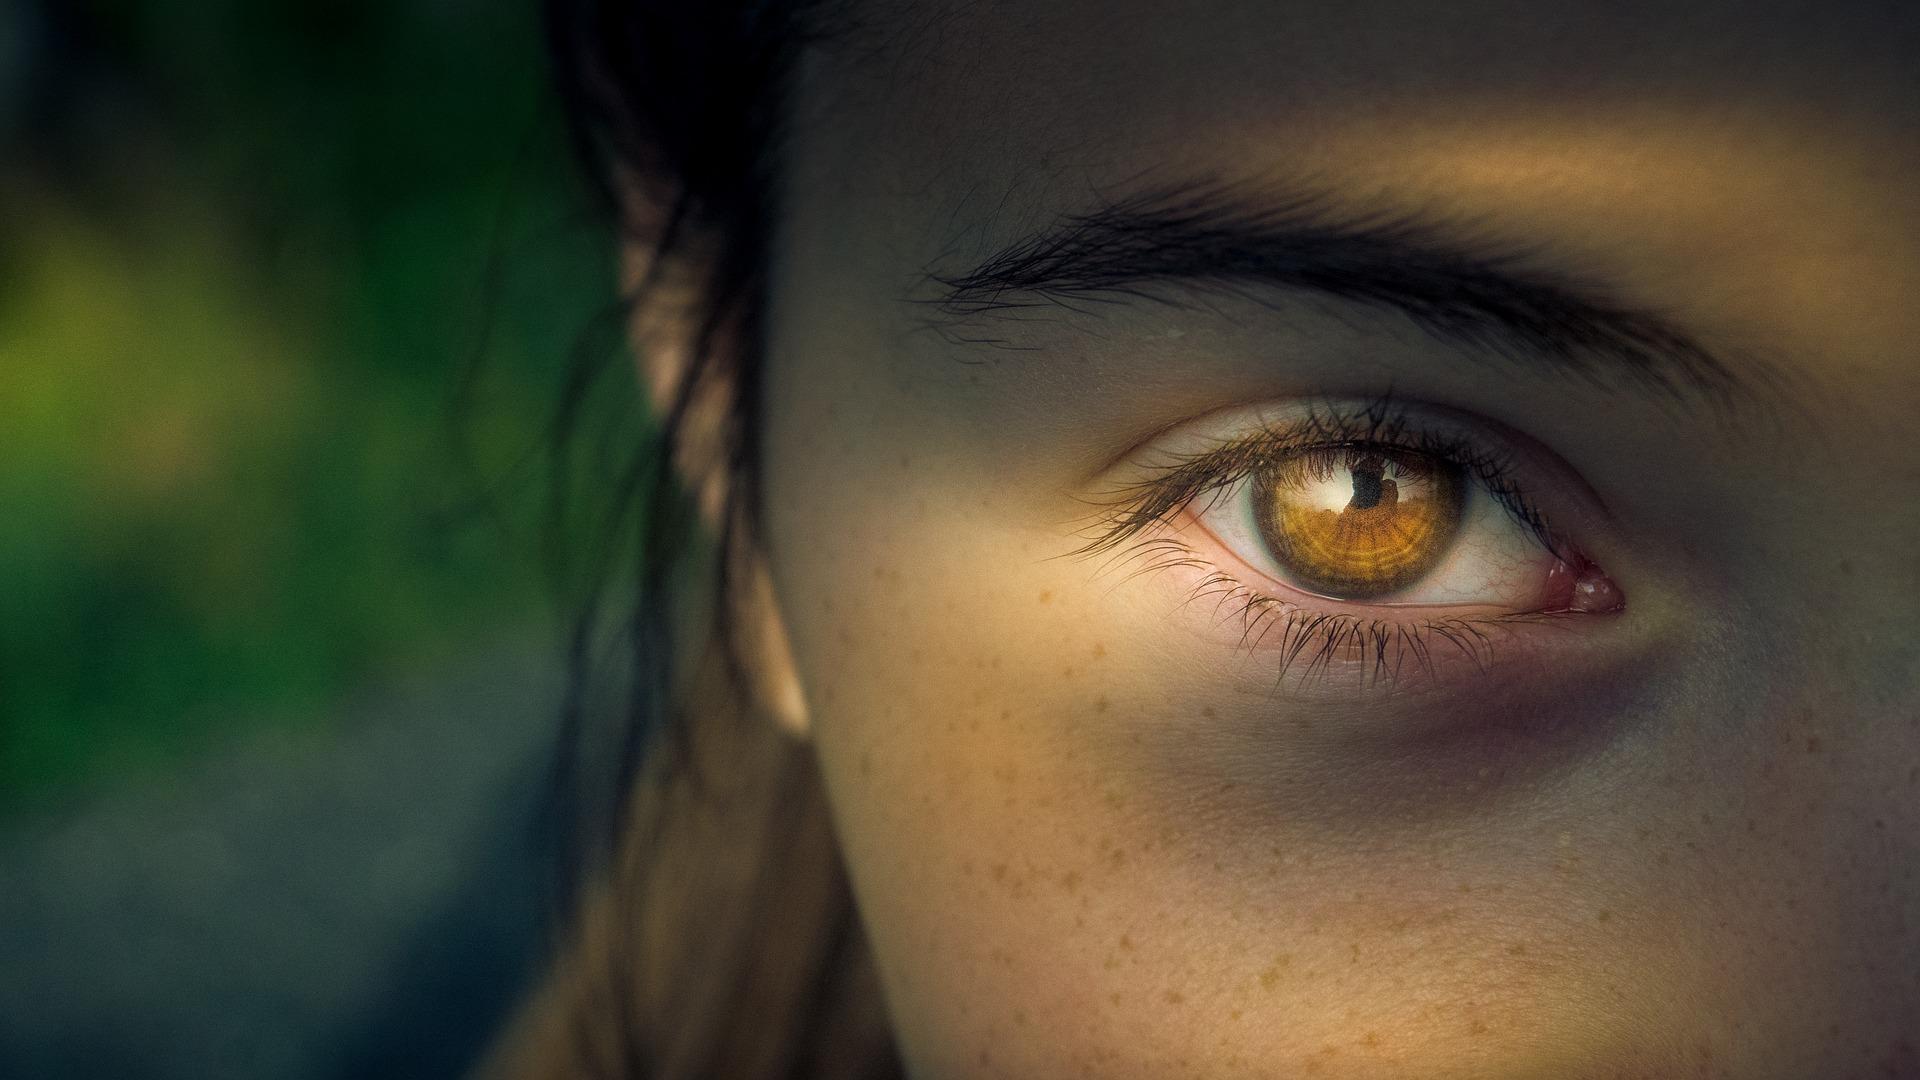 Gelbe Flecken sehen - Folge eines Blickes in helles Licht